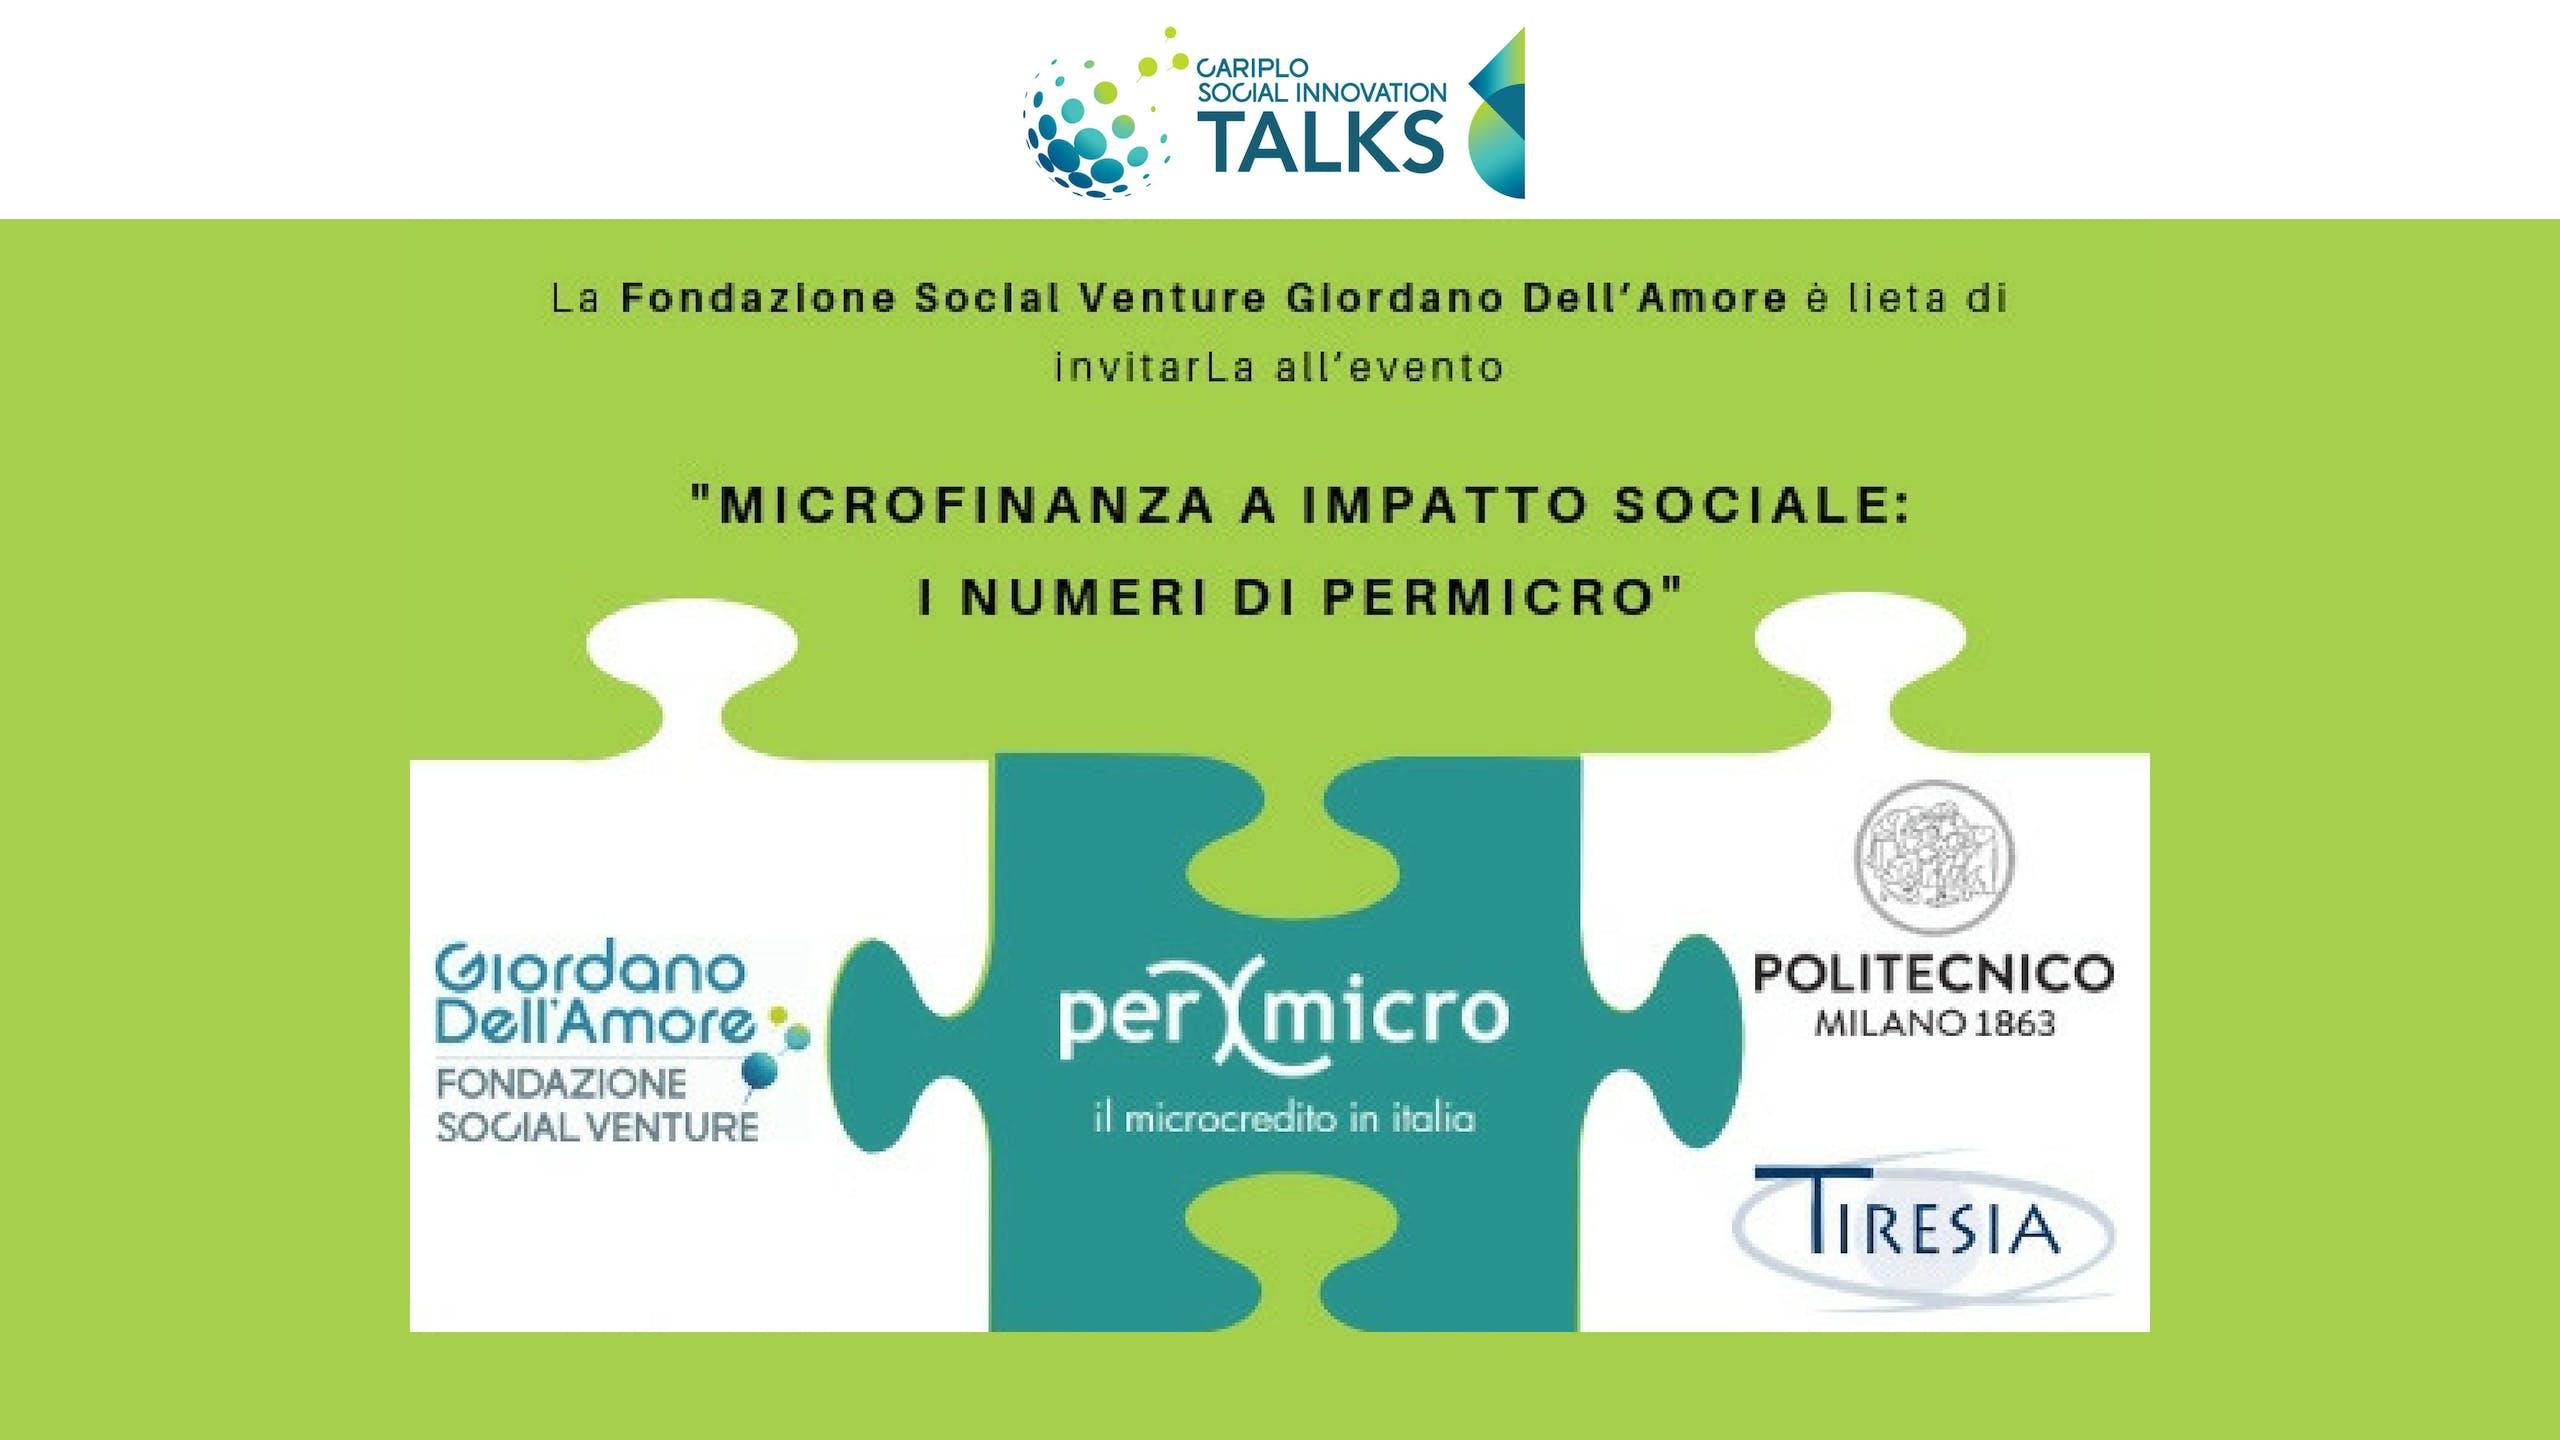 Microfinanza a impatto sociale: i numeri di P